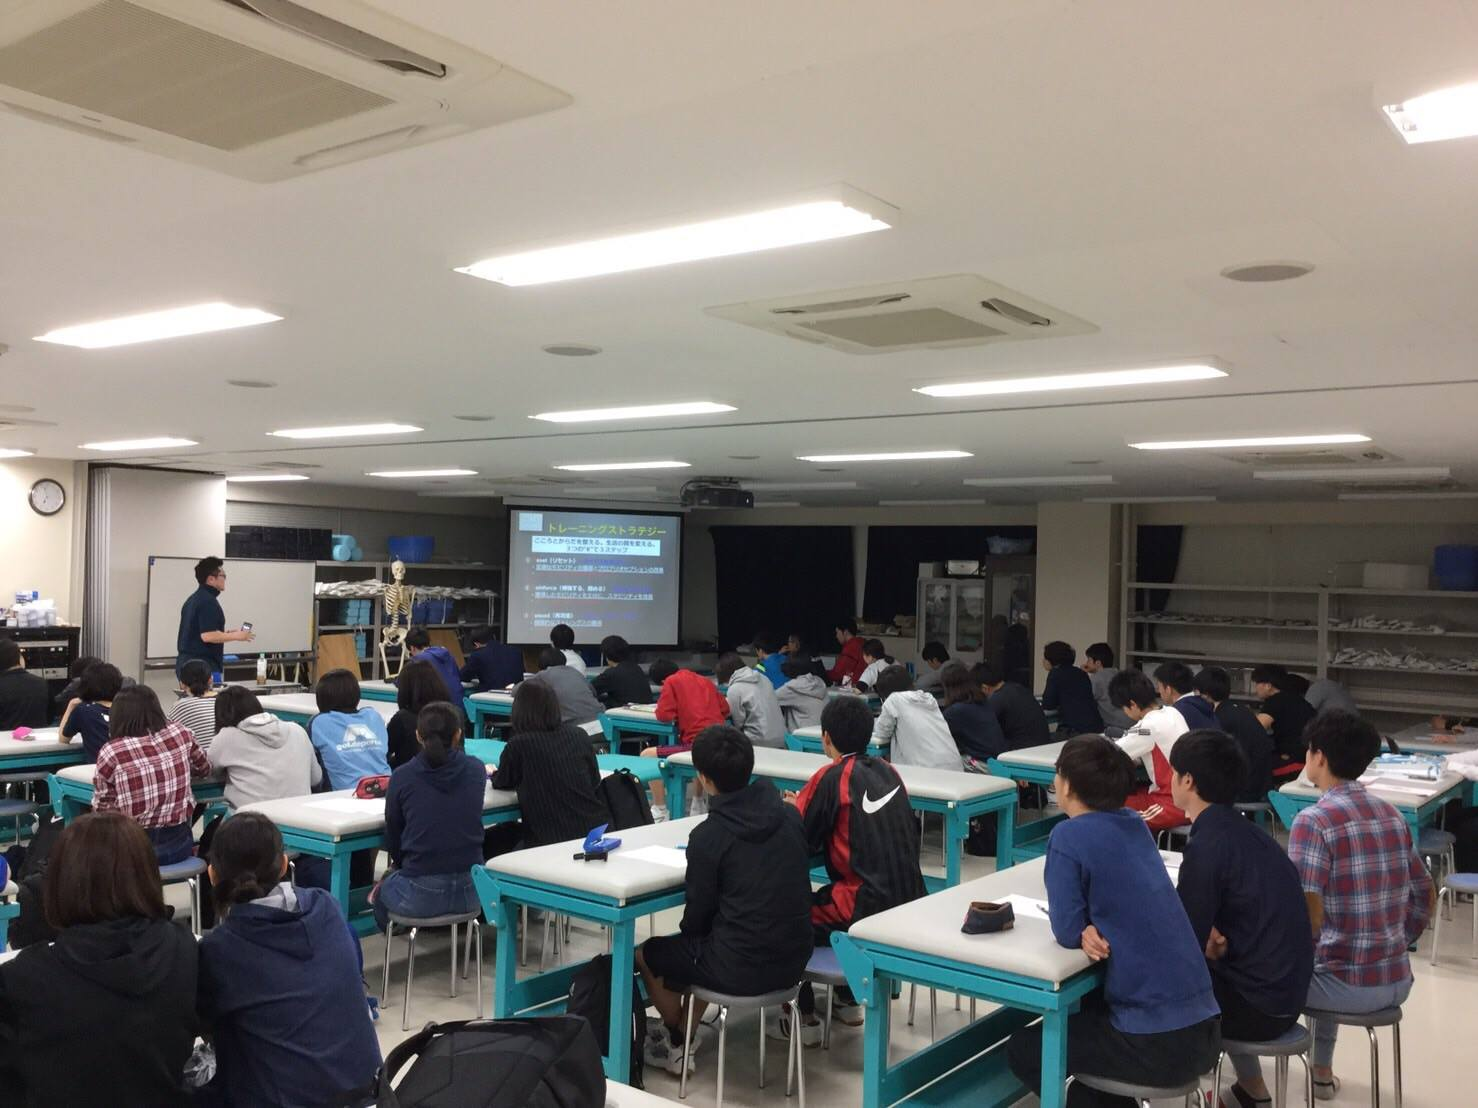 【報告】帝京大学の柔道整復師学科で講演をしてきました!